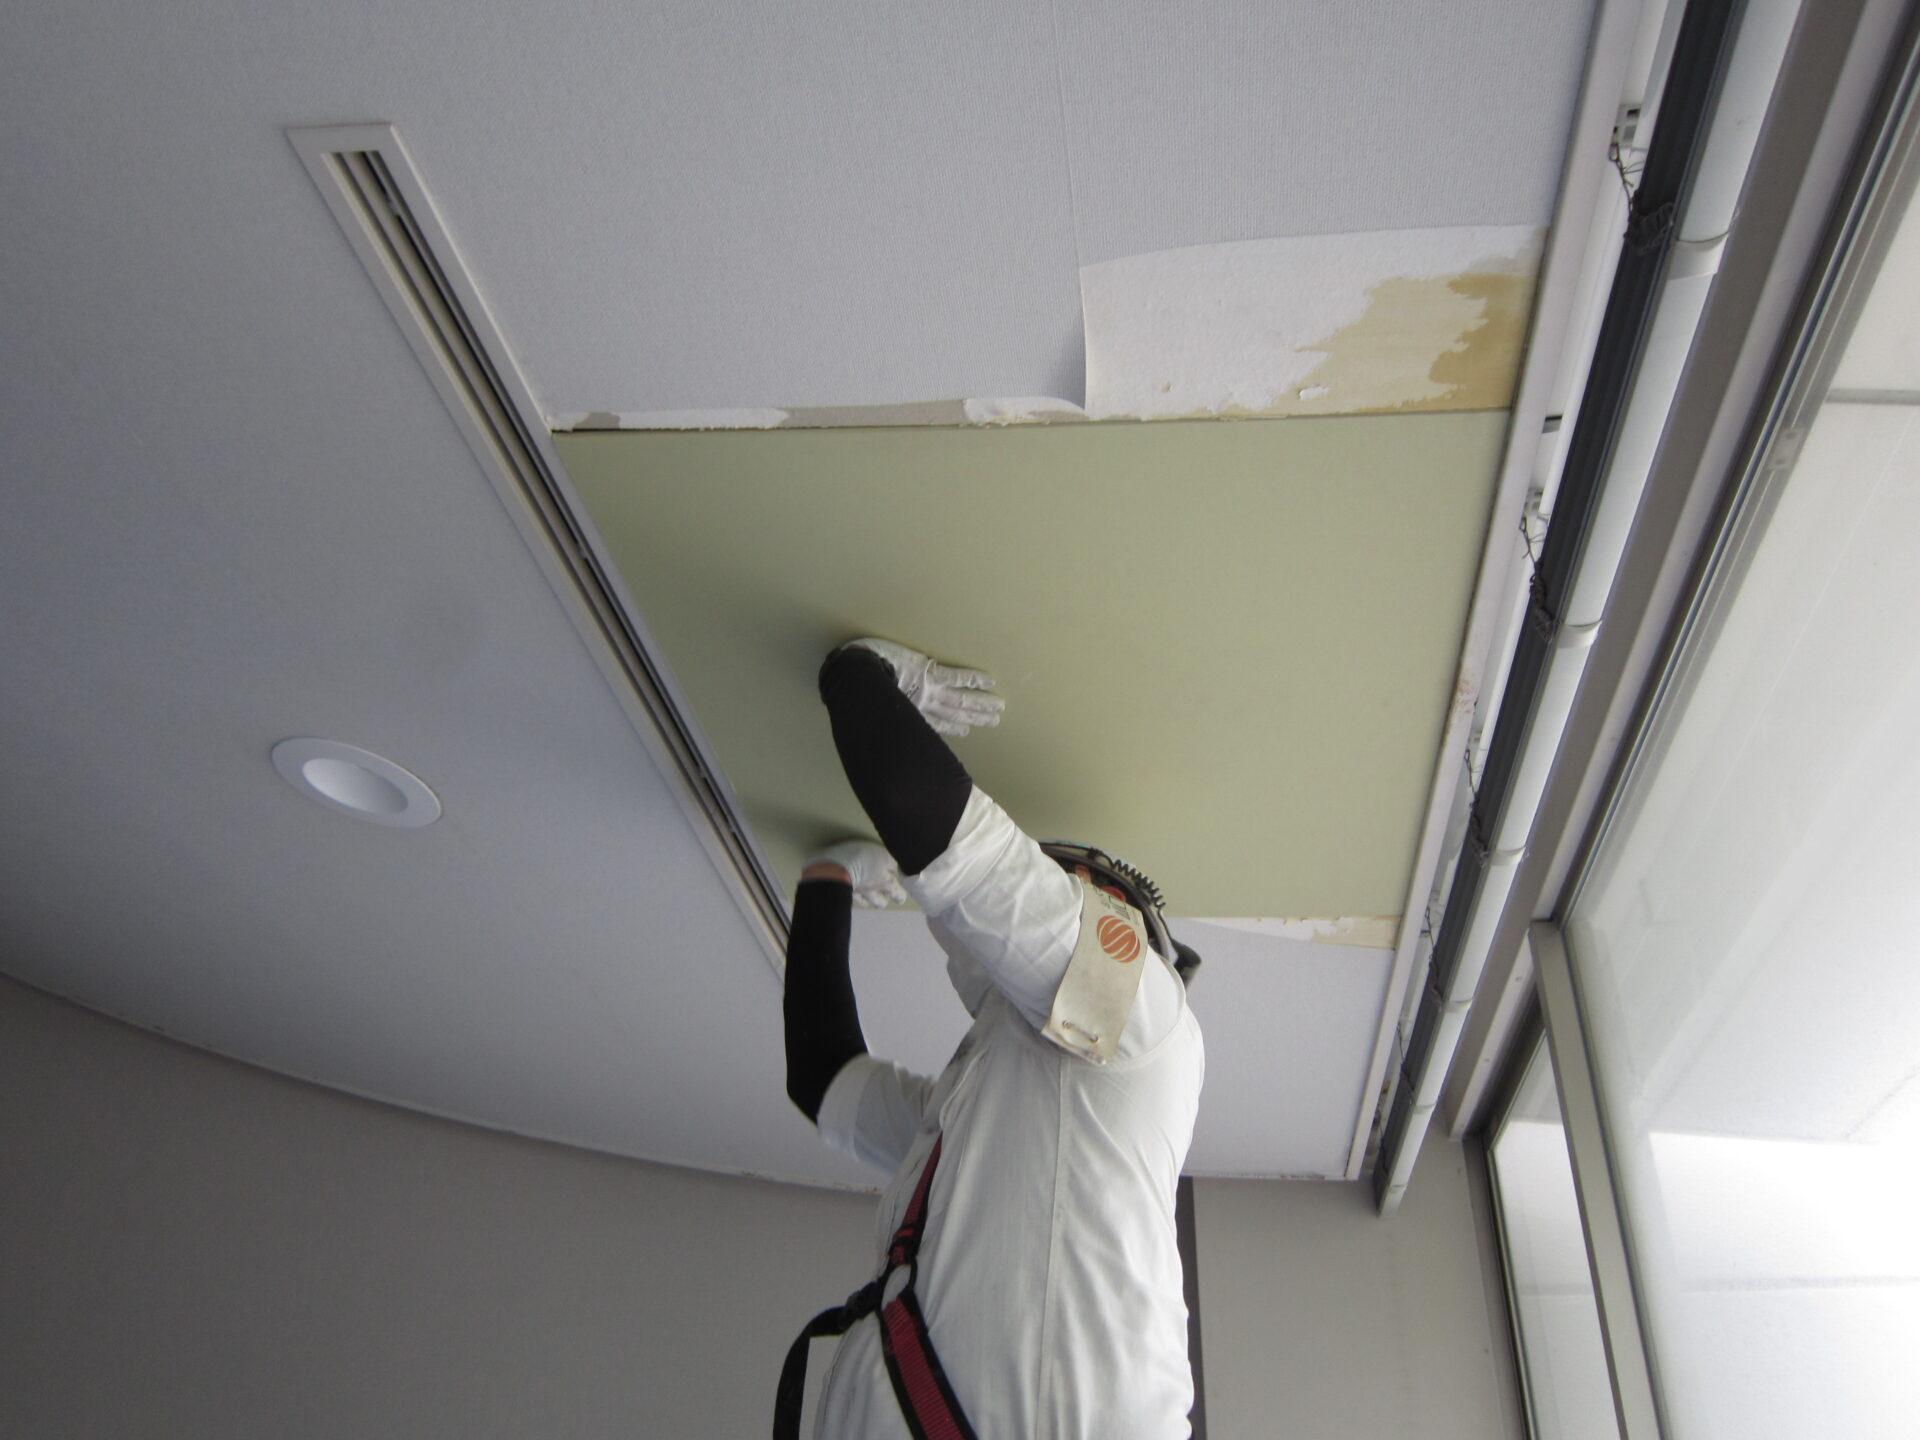 天井雨漏り修繕工事画像4